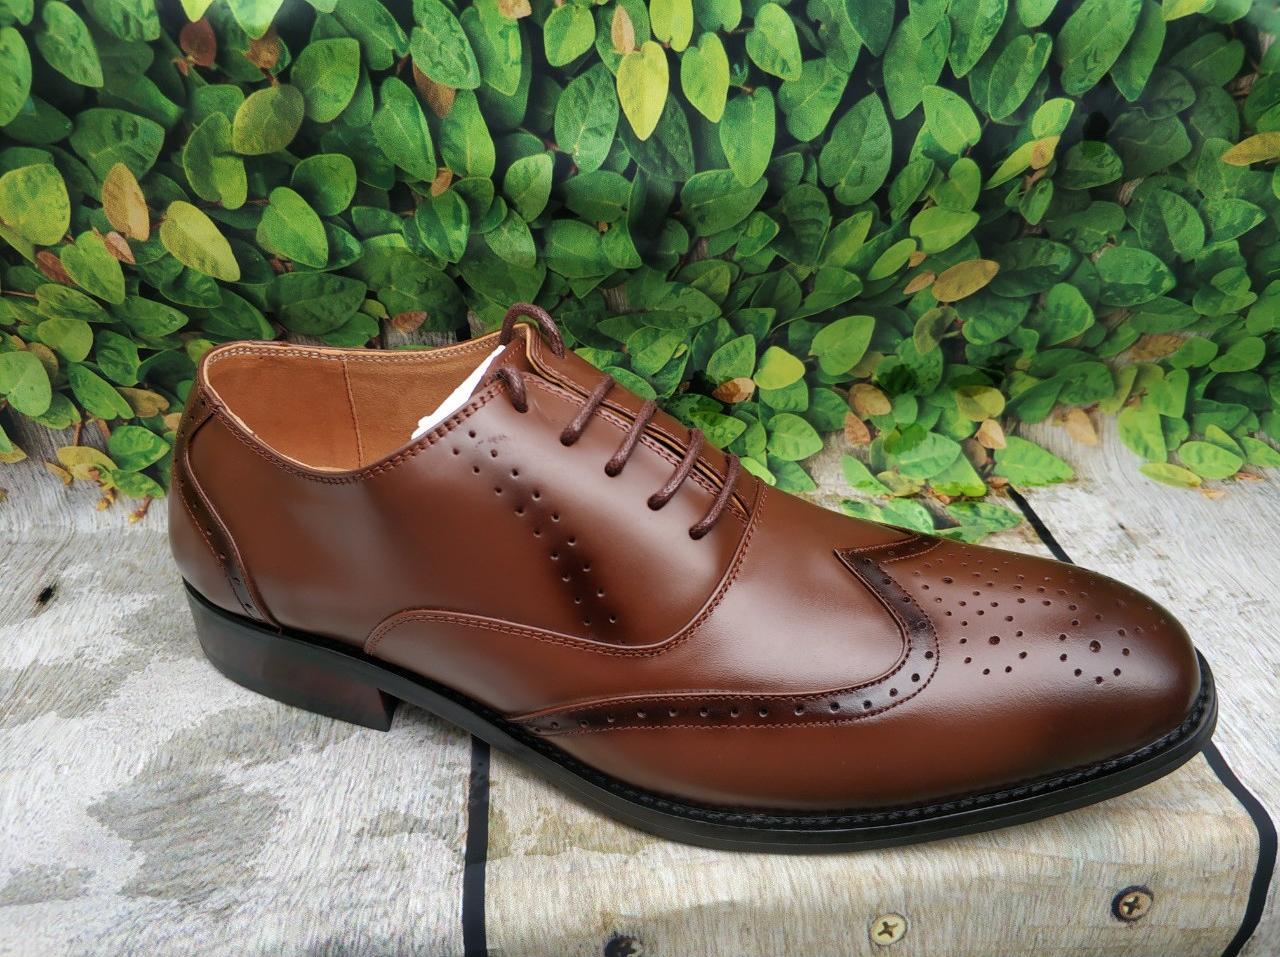 Giày da nam công sở sang trọng lịch lãm -gl51 - nâu nhạt - 42